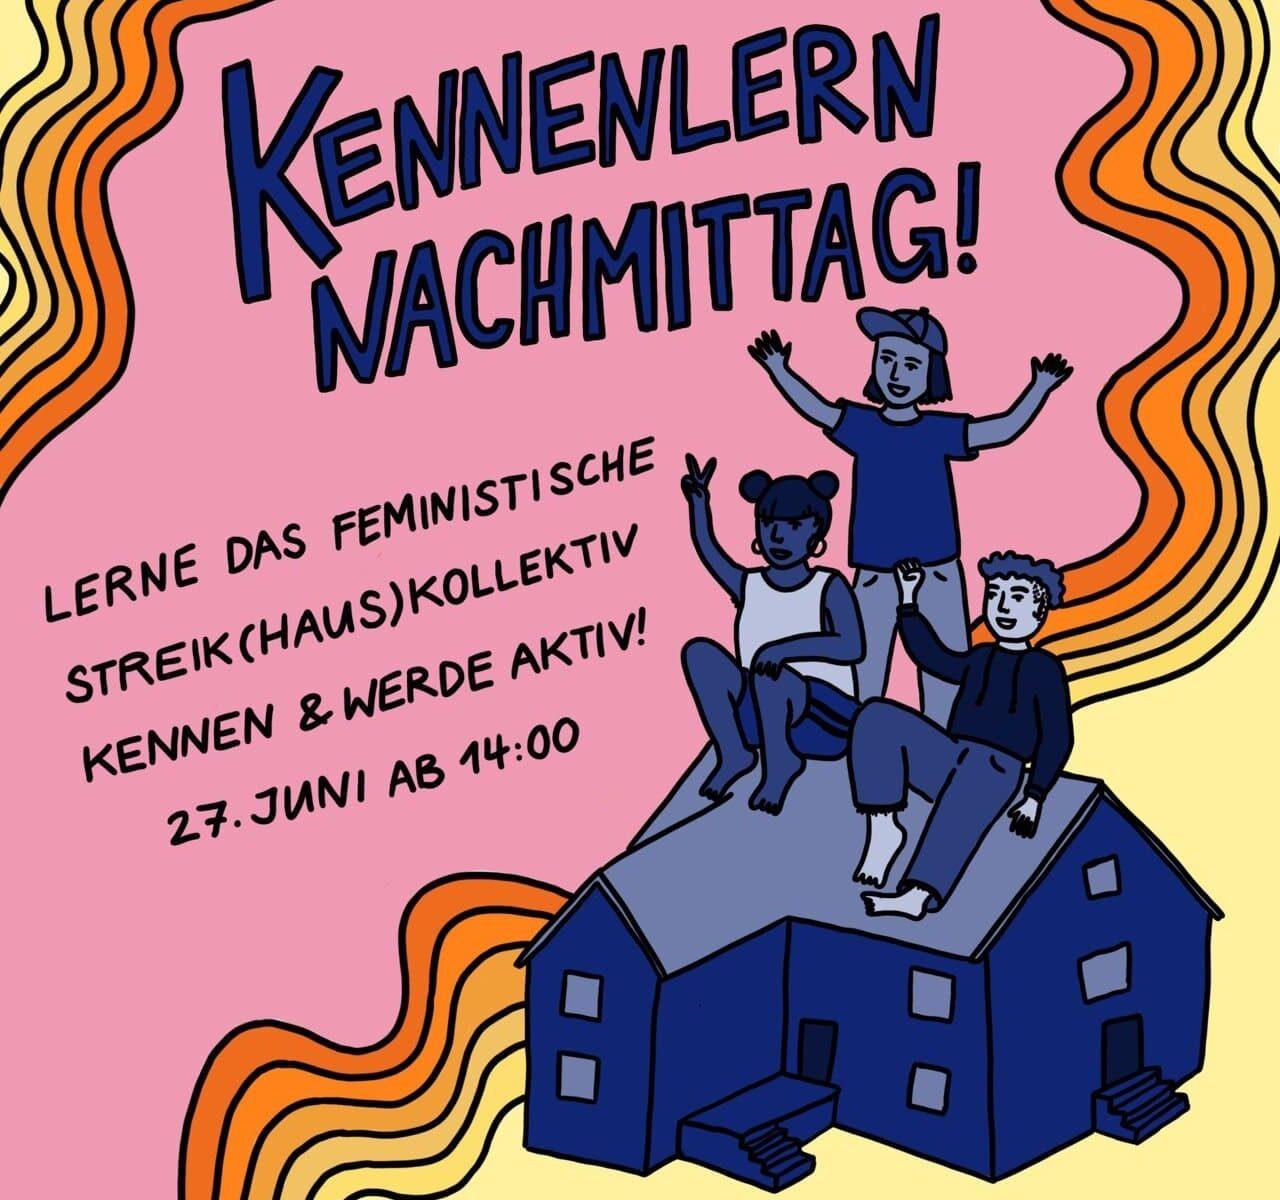 """Auf einem Blauen Haus sitzen drei blaue Menschen und winken. daneben steht """"Kennenleern nachmittag! Lerne das Feministische Streik(Haus)Kollektiv kennen und werde Atkiv! 27.Juni Ab 14Uhr"""